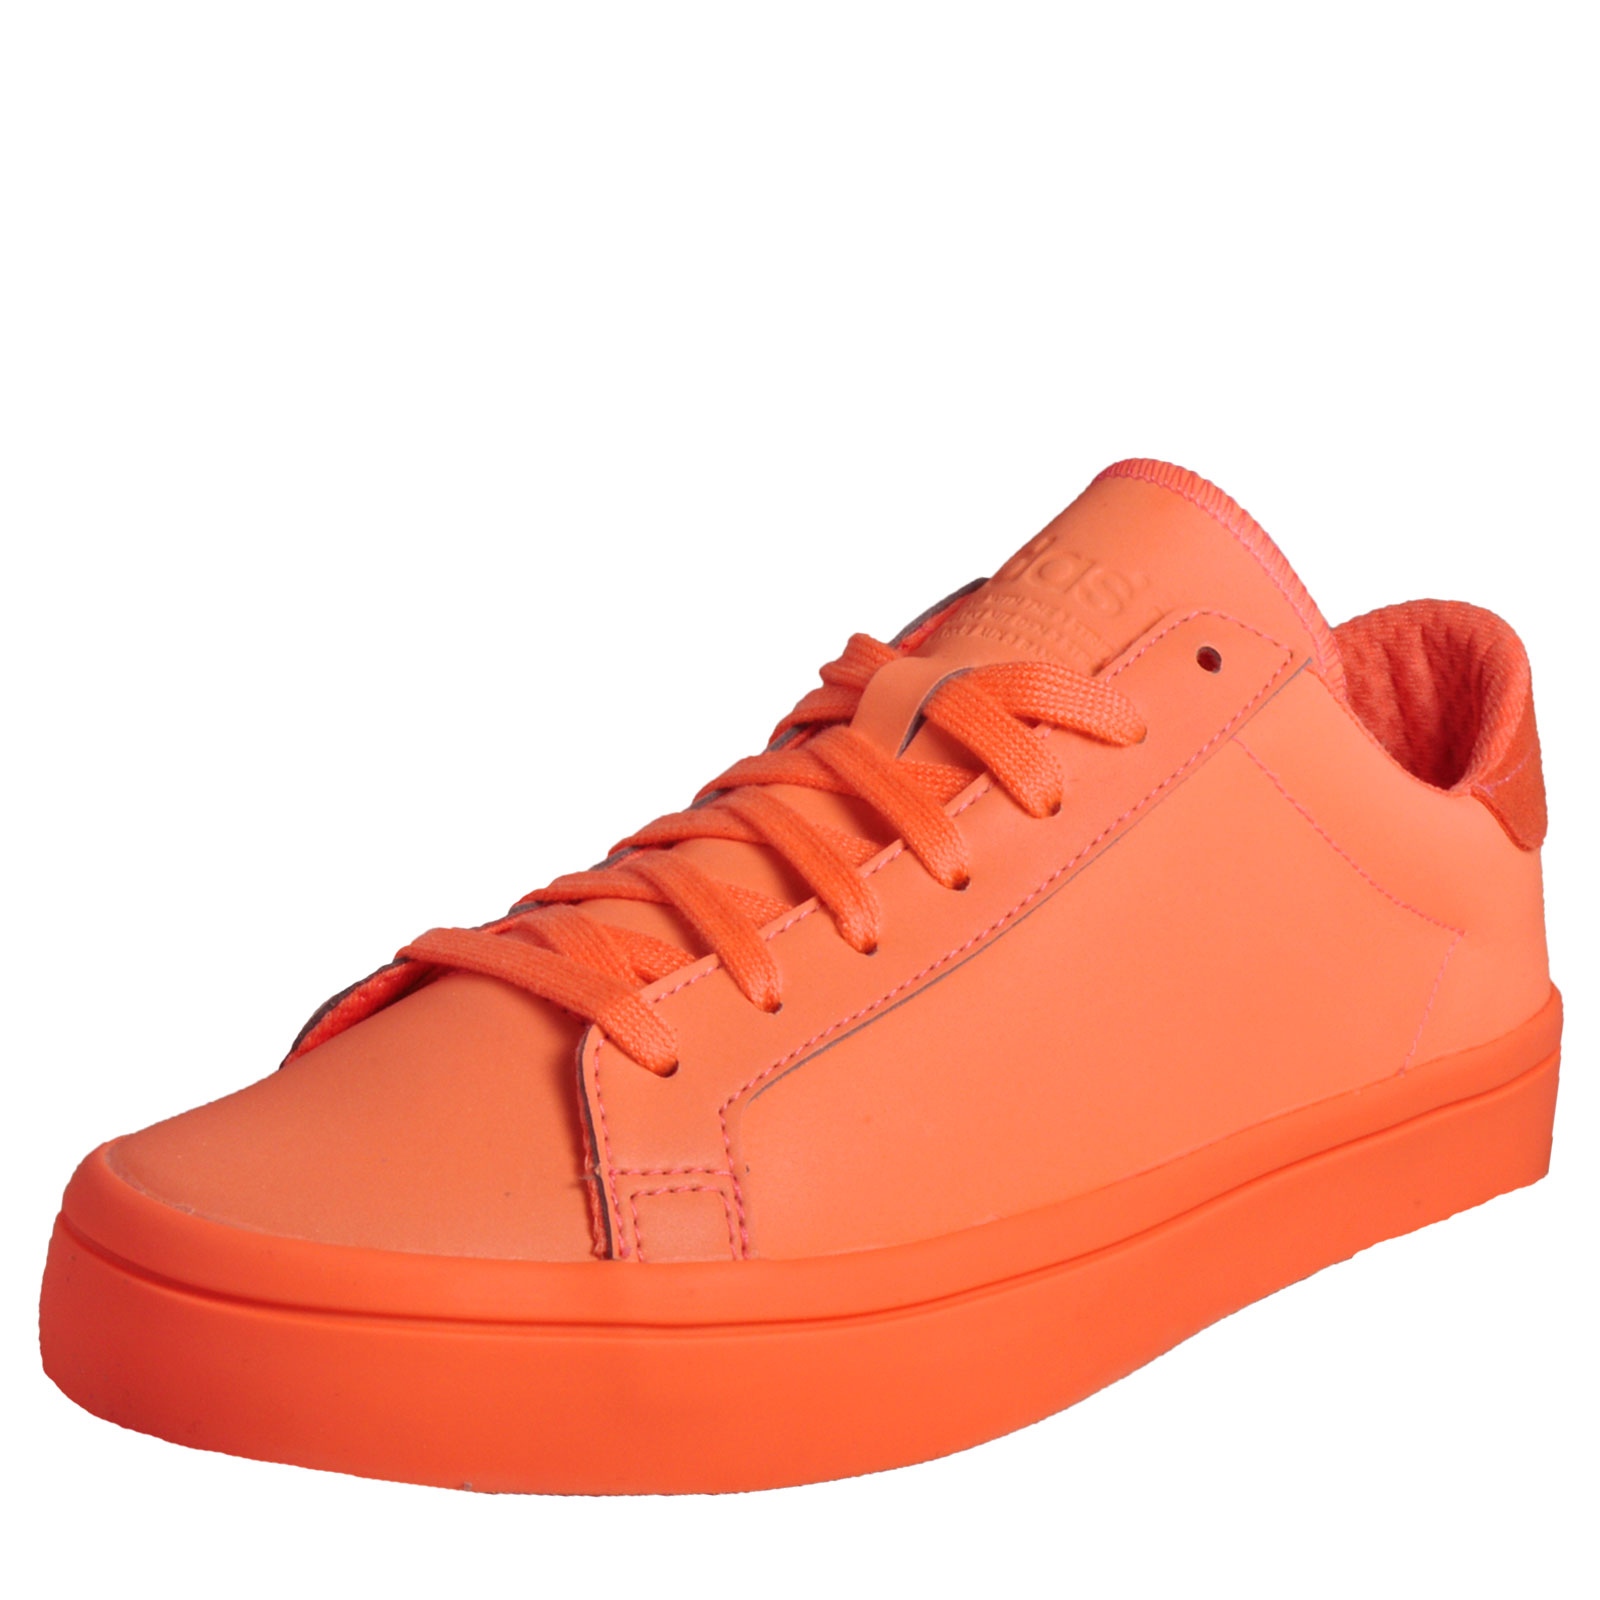 detailed look 3b9df 20d28 Adidas Originals Court Vantage Adicolor Uni Classic Casual Trainers Orange